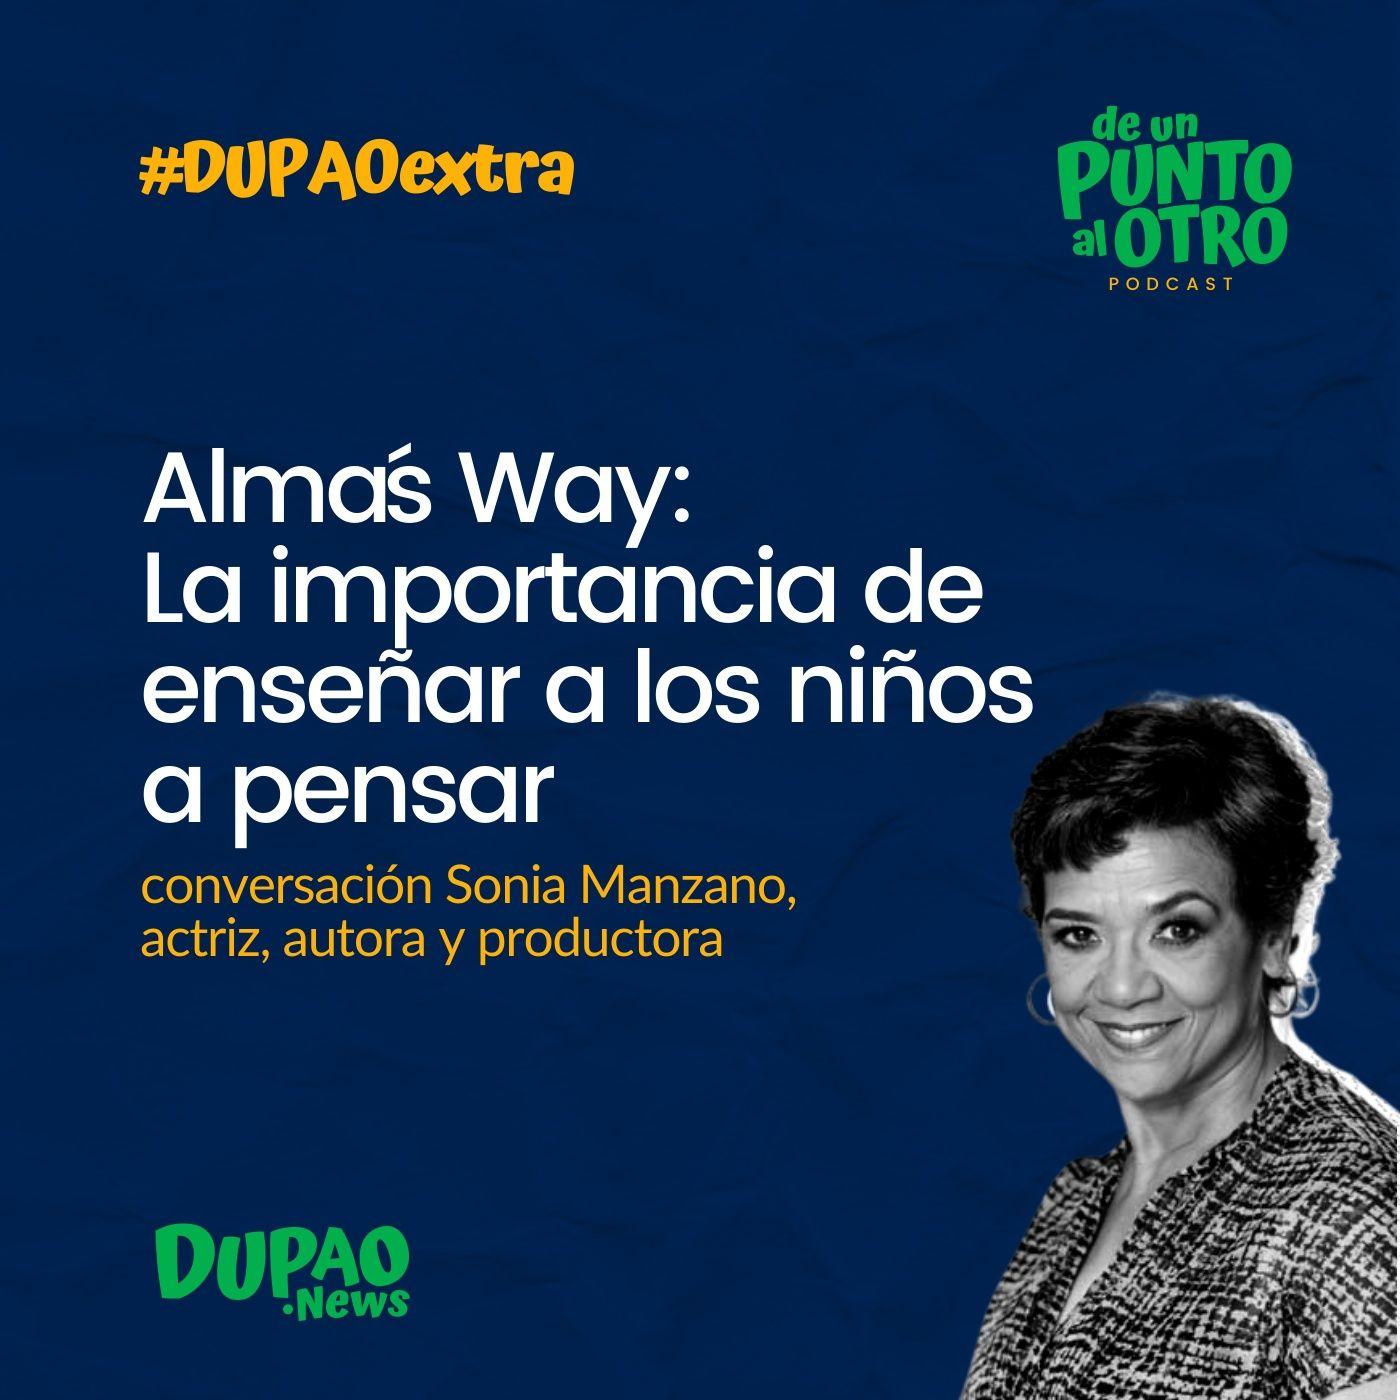 Extra 08 • Alma's Way: La importancia de enseñar a los niños a pensar • De un punto al otro • DUPAO.NEWS